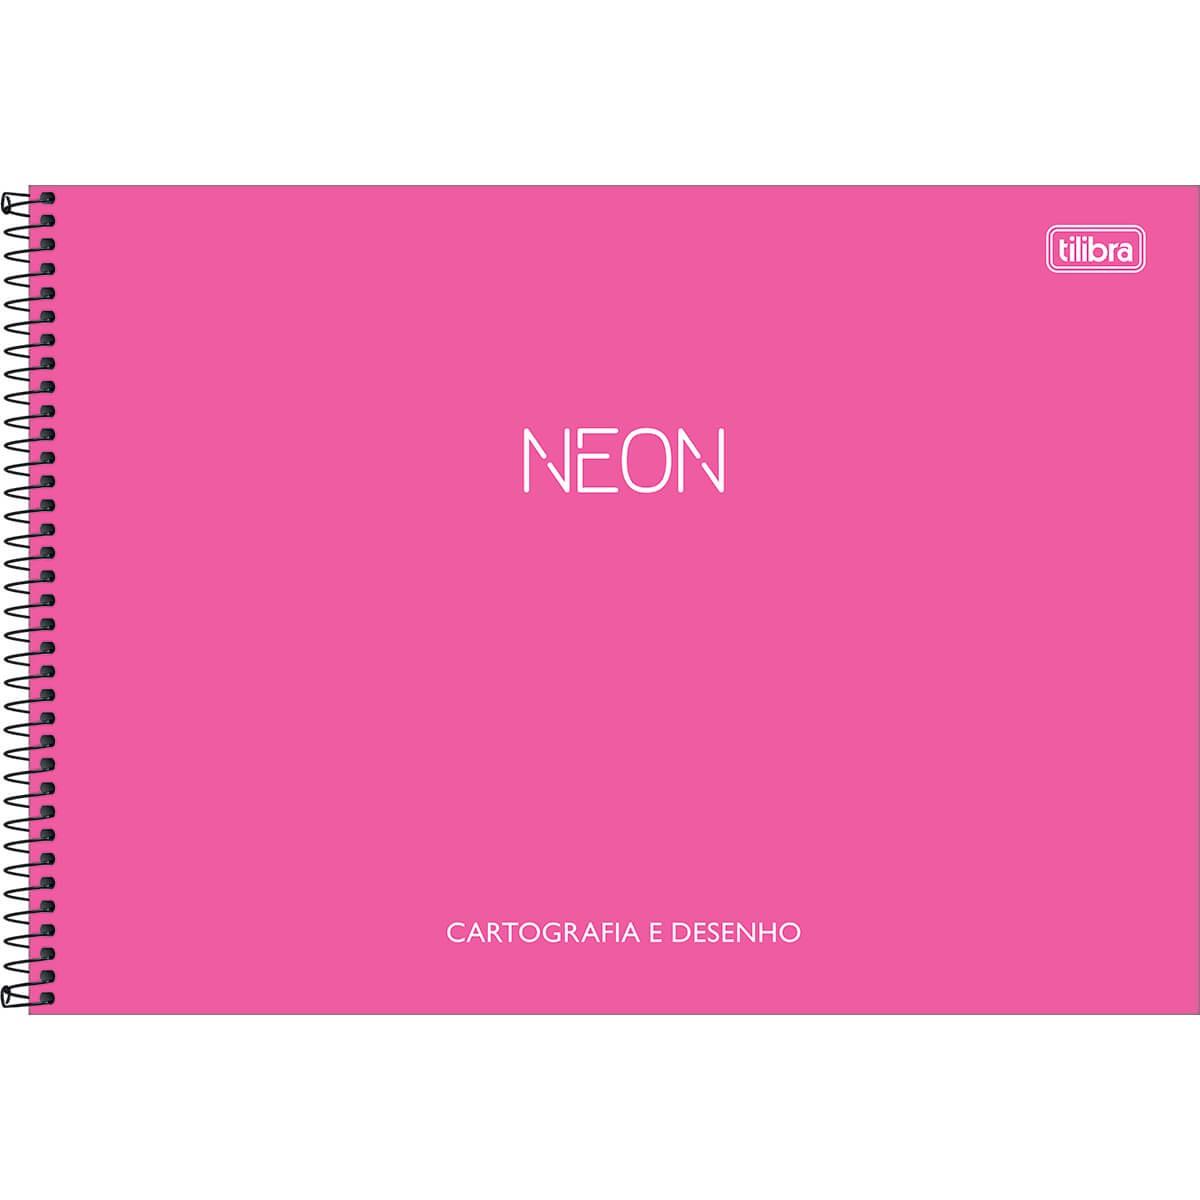 Caderno de Cartografia e Desenho Espiral Capa Plástica Neon  80 Folhas